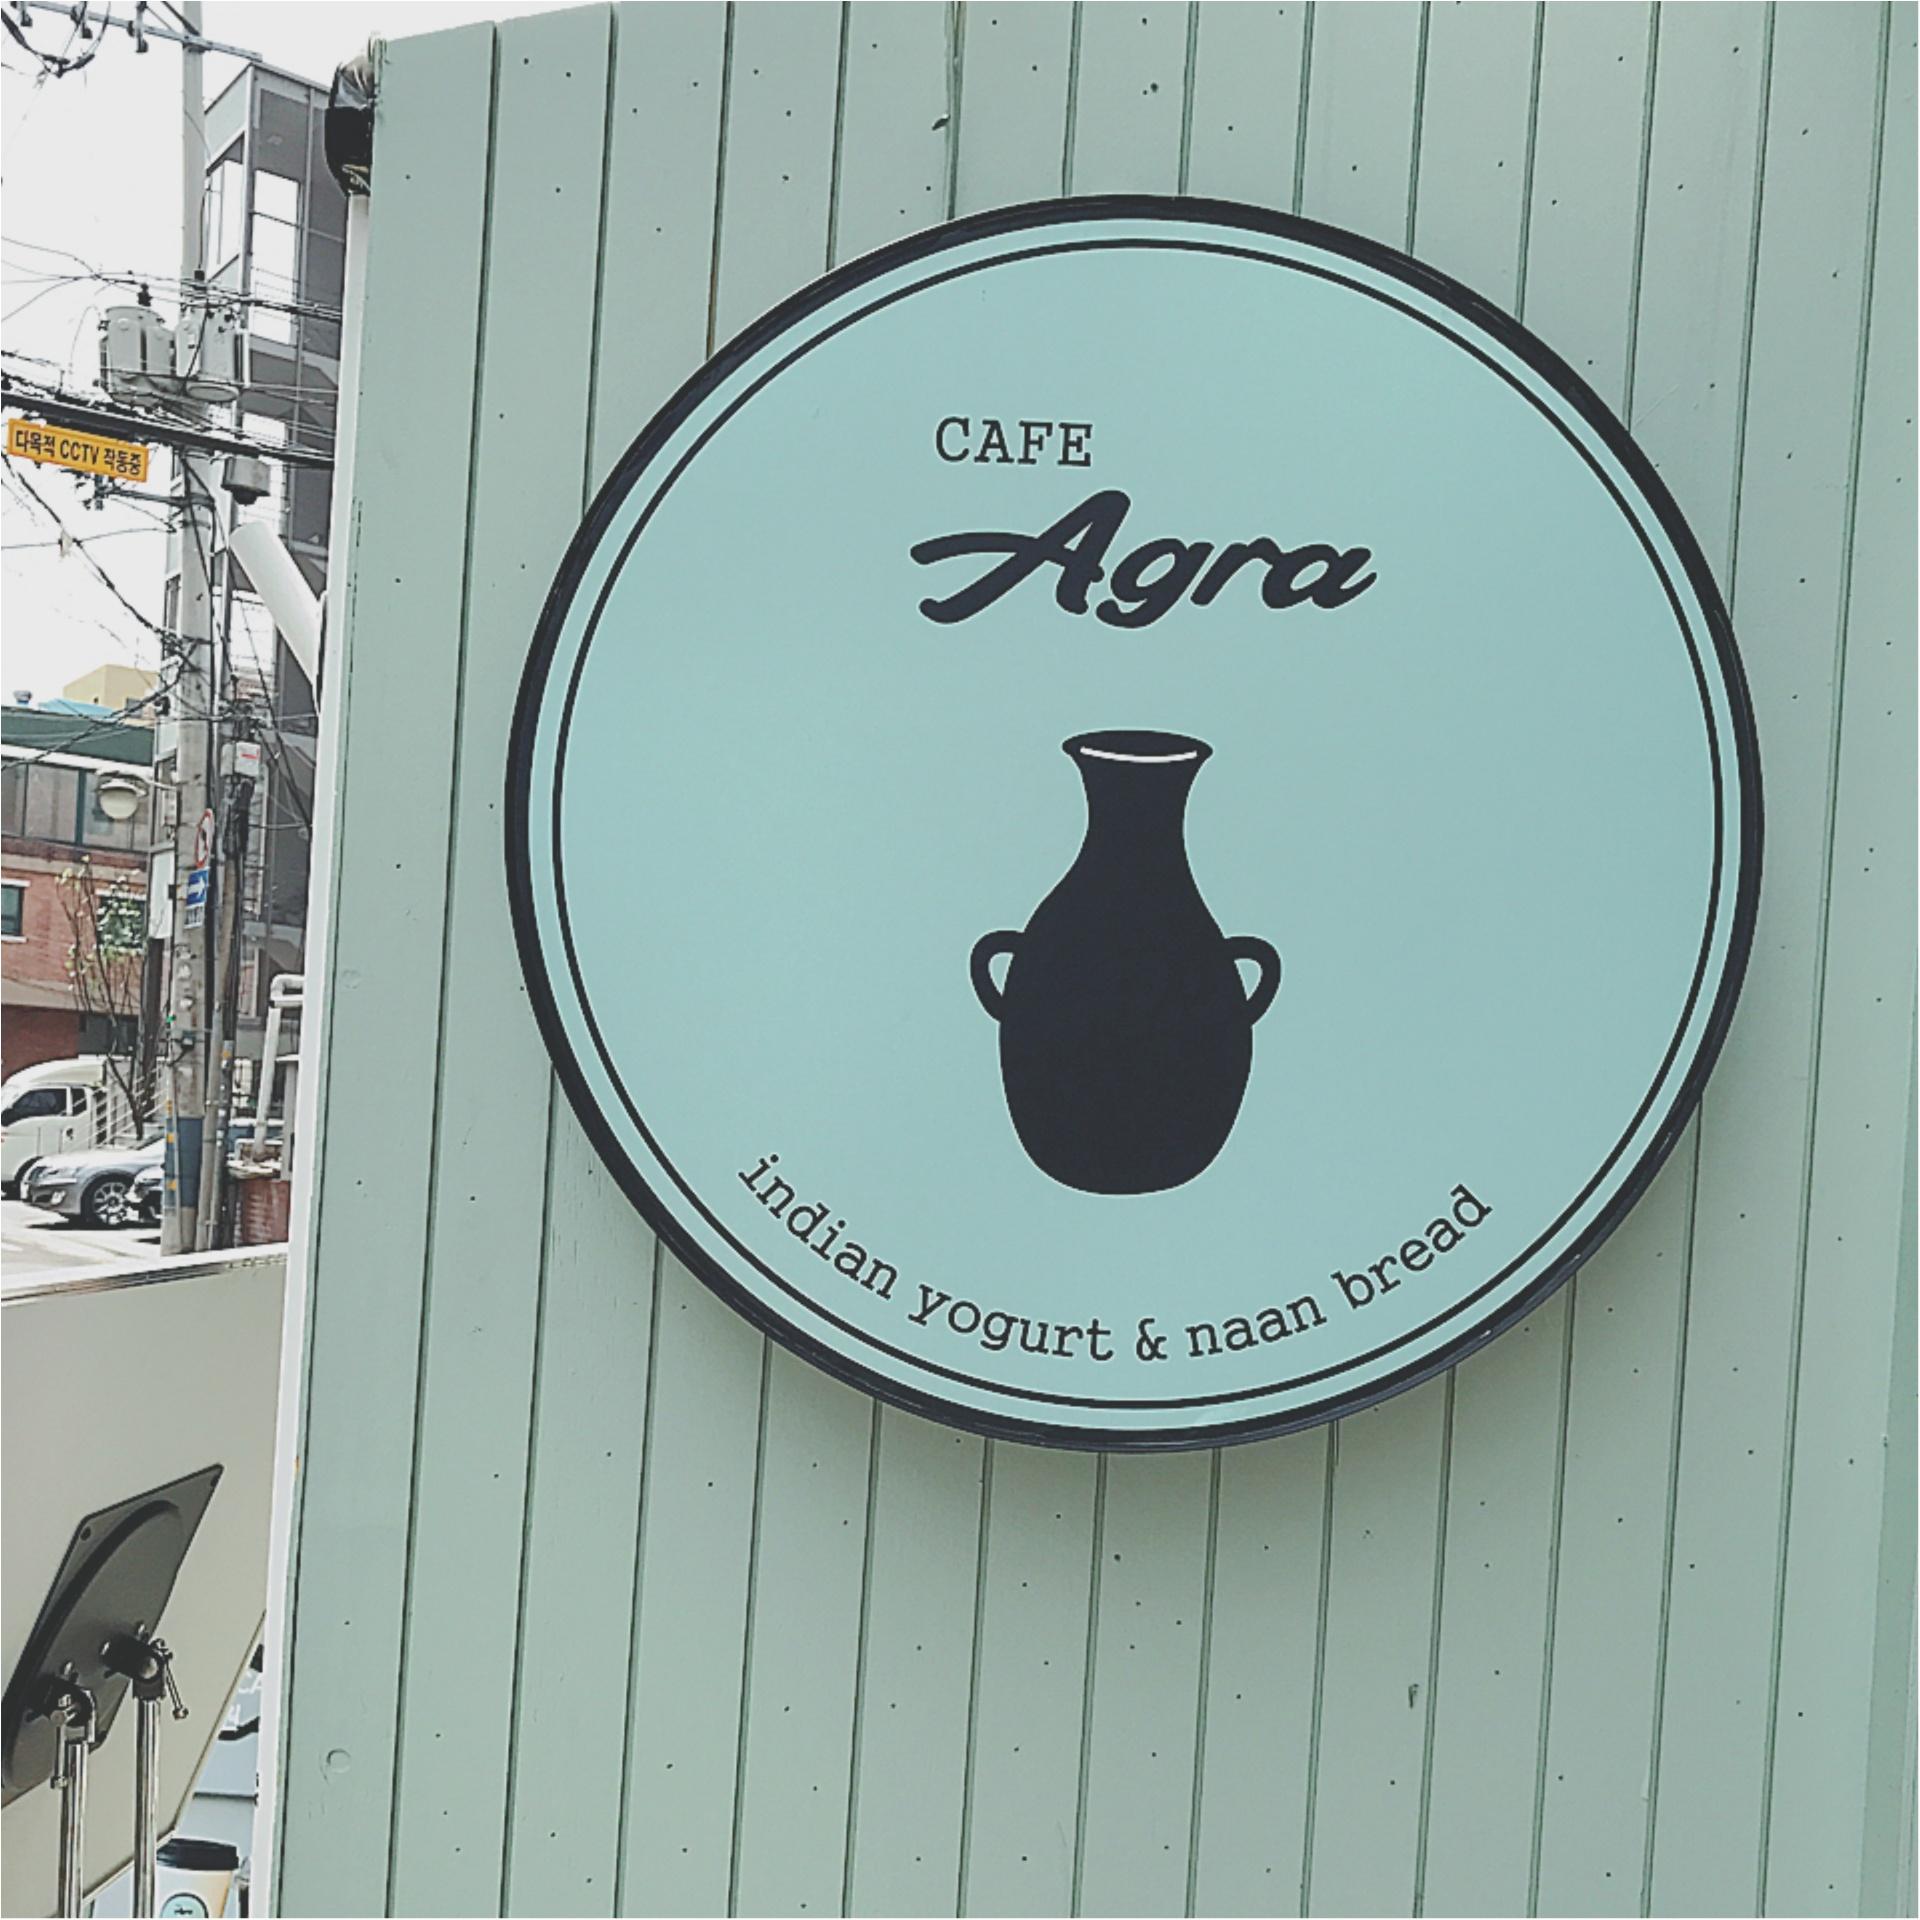 ★写真を撮りたいならココがオススメ!可愛いがたくさん♡韓国のオシャレな街『カロスキルエリア』 は素敵フォトスポット★_3